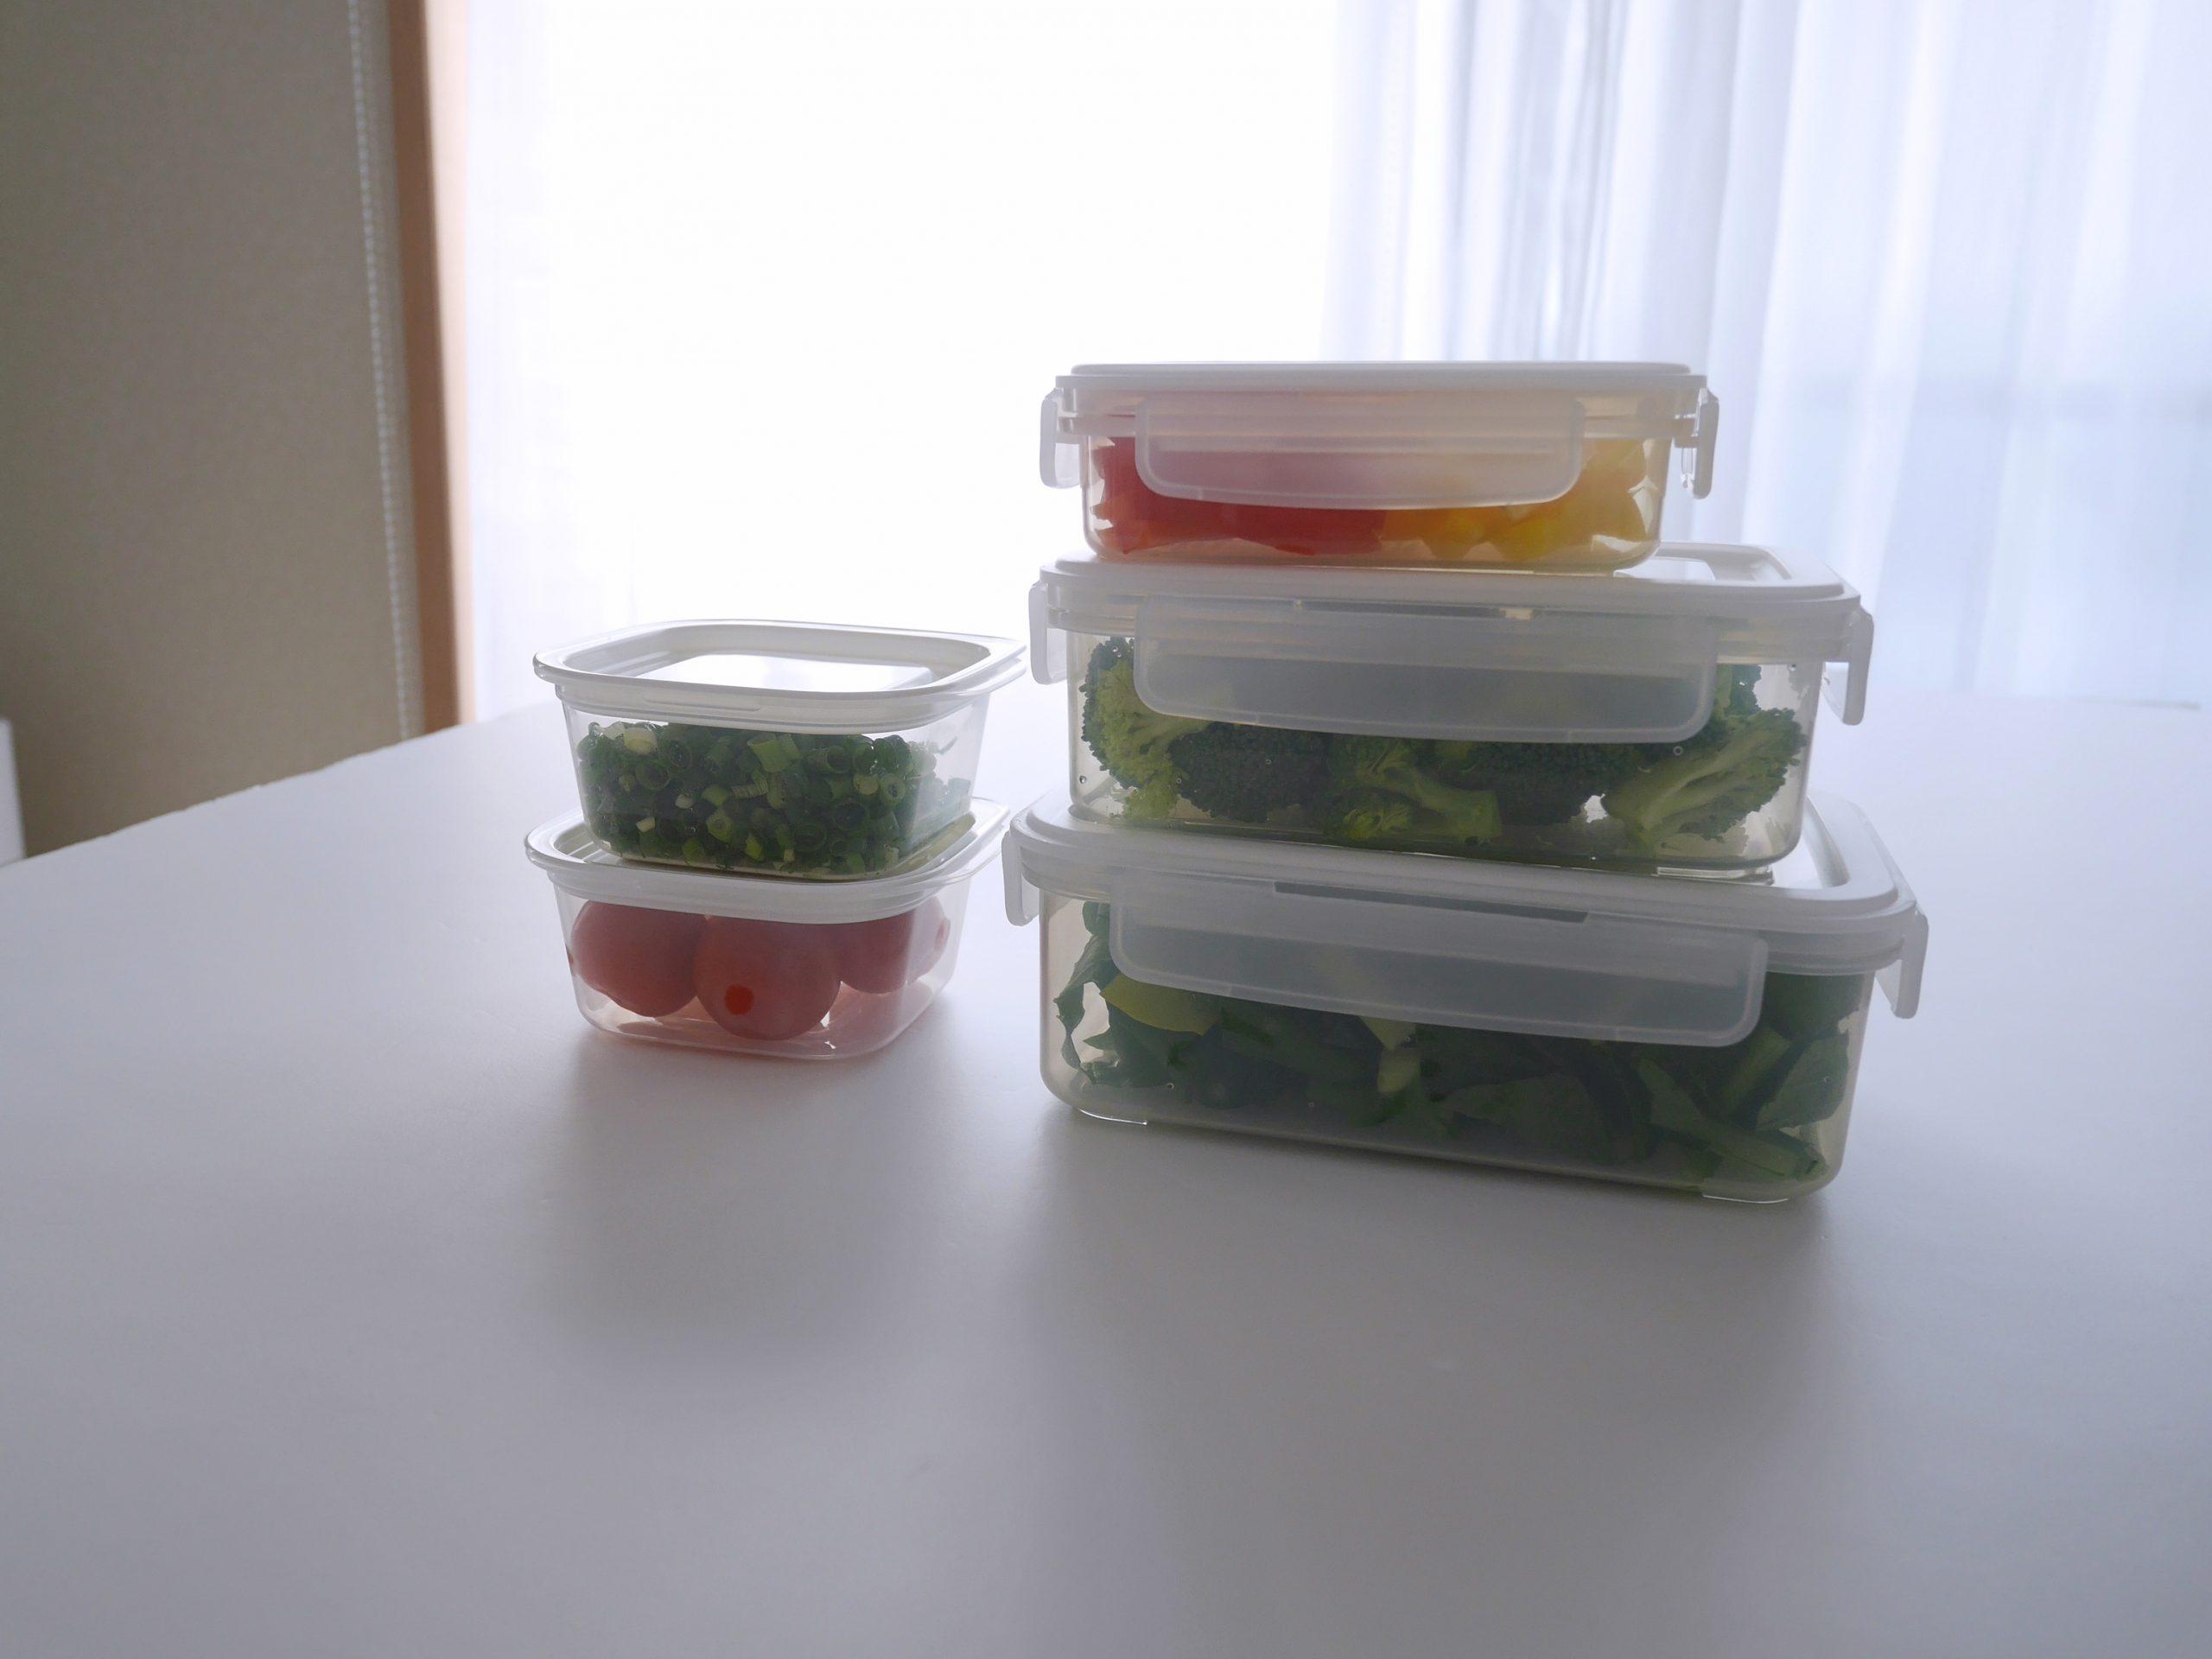 冷蔵庫の食材管理はイオンの「ホームコーディ」の保存容器にお任せ!